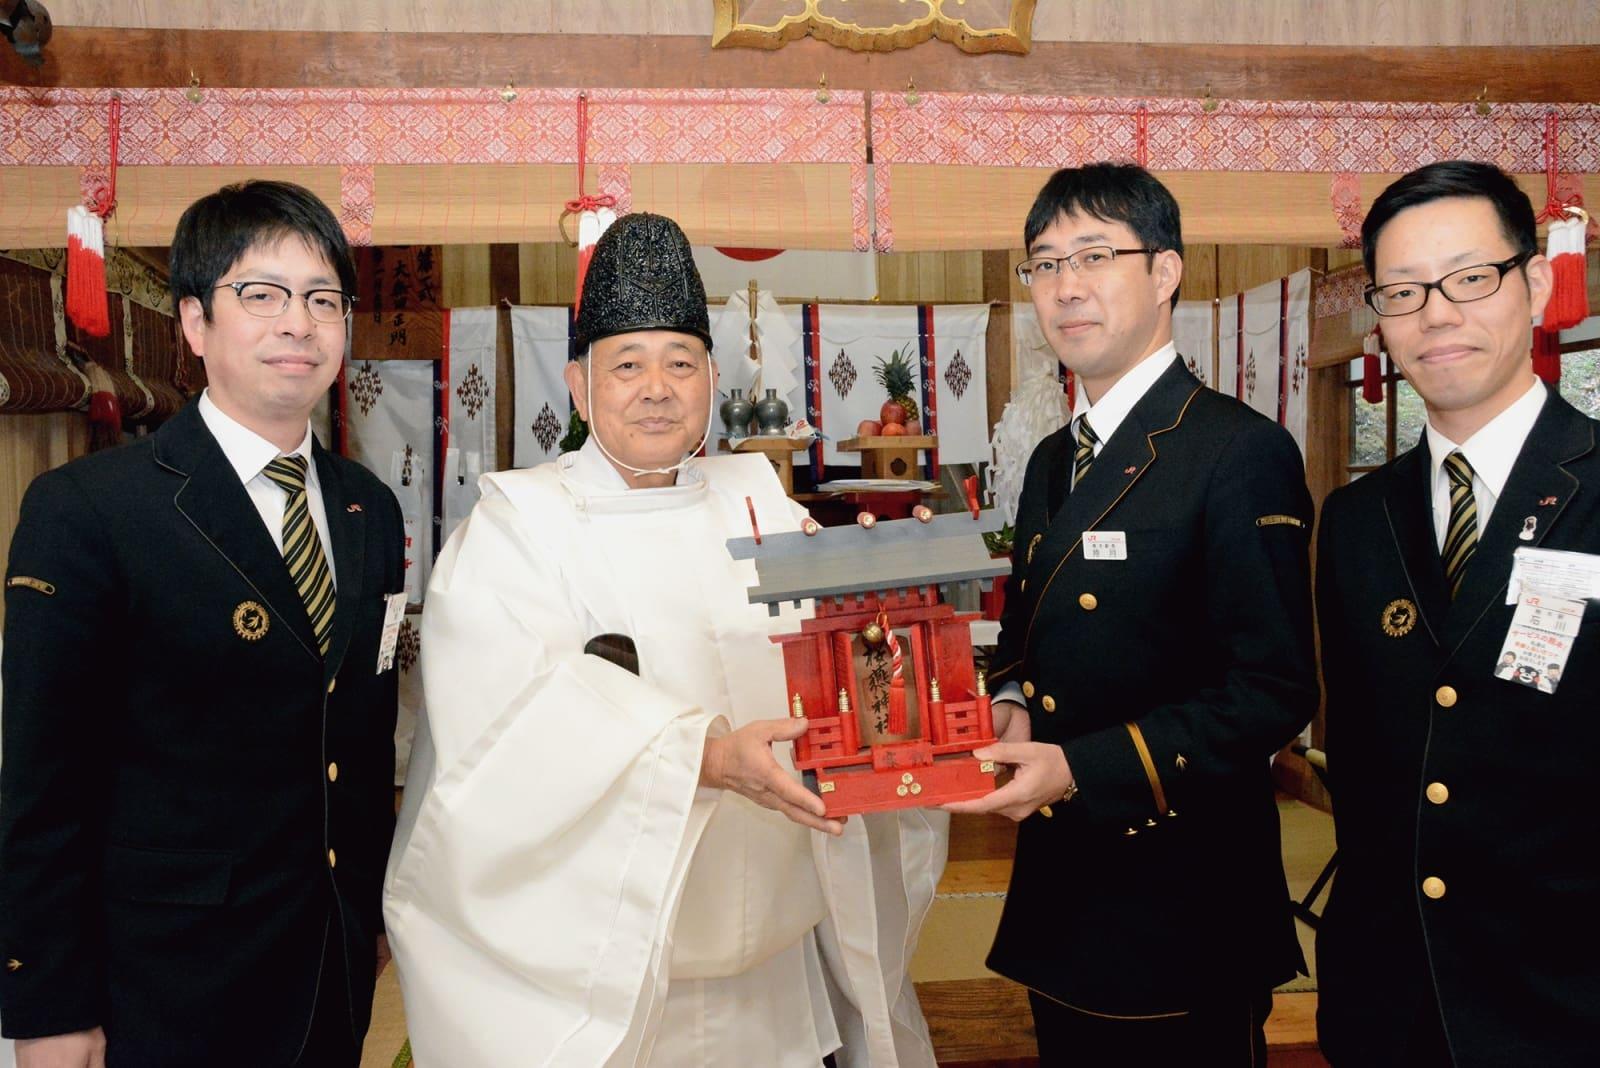 尾方嘉春宮司(左から2人目)から神殿を受け取る持月裕如駅長(同3人目)